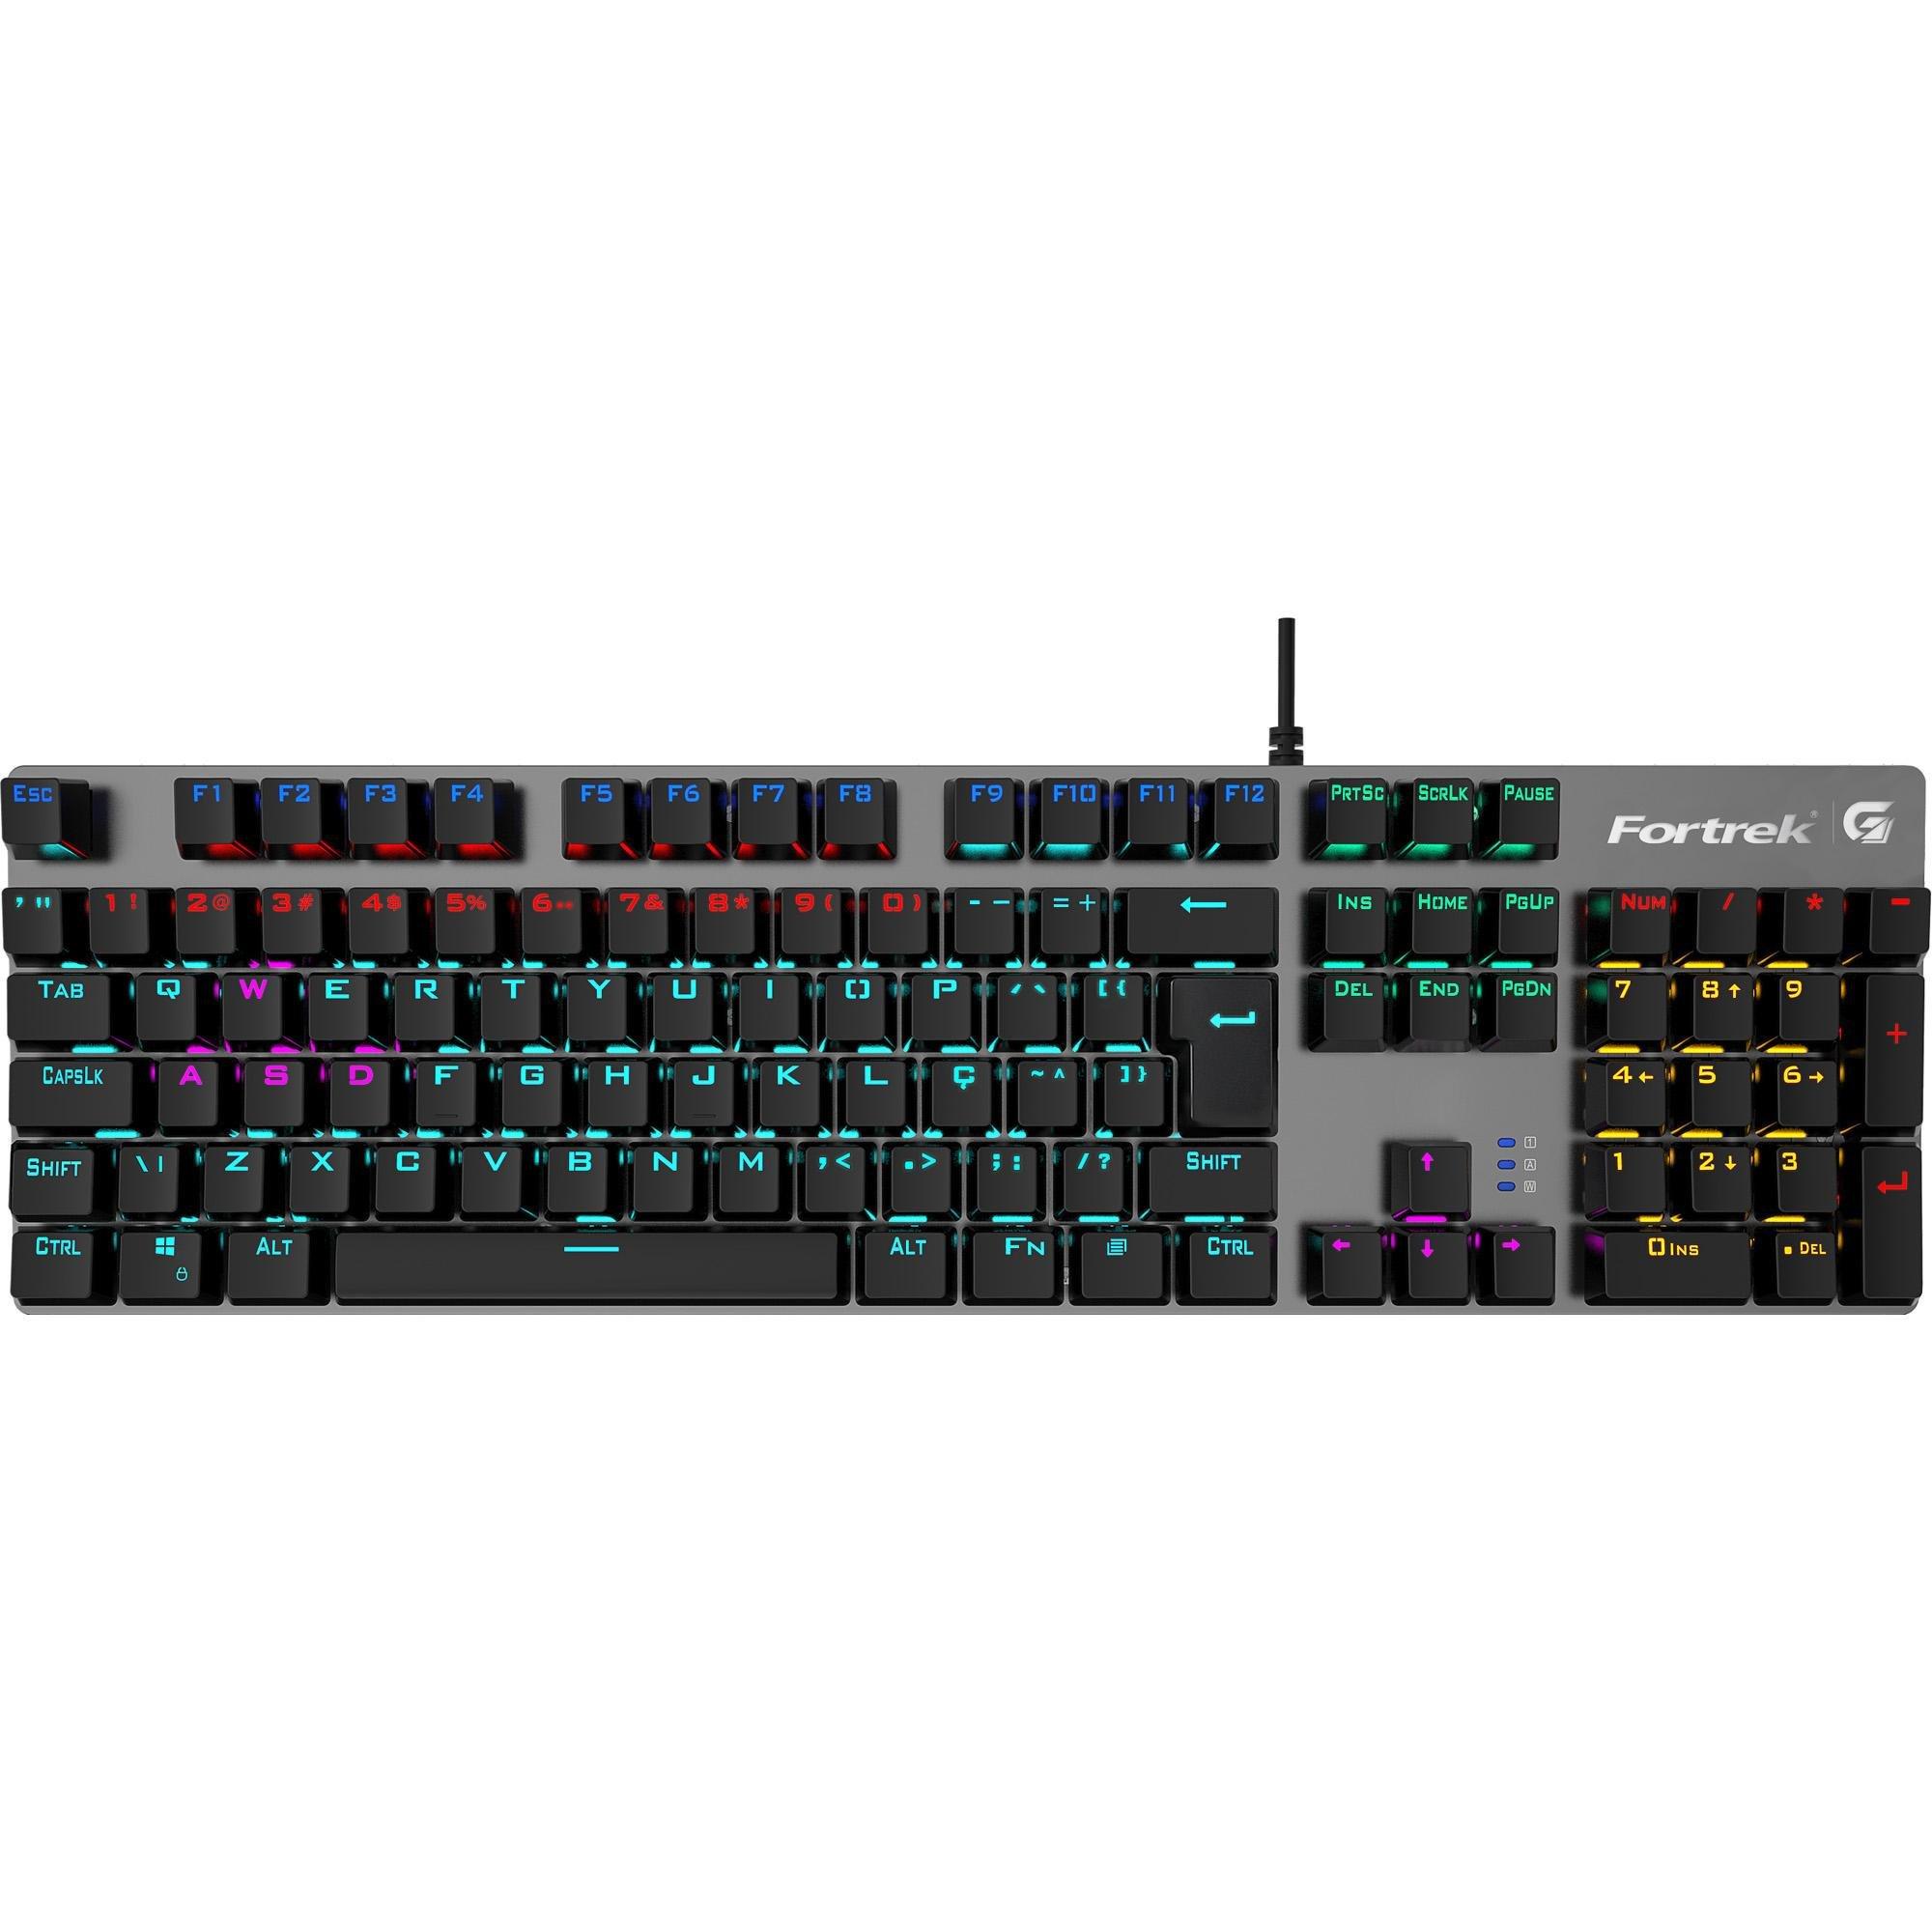 teclado gamer mudanca de vida grey fortrek hawk dark mecanico rbw black 49877 2000 201064